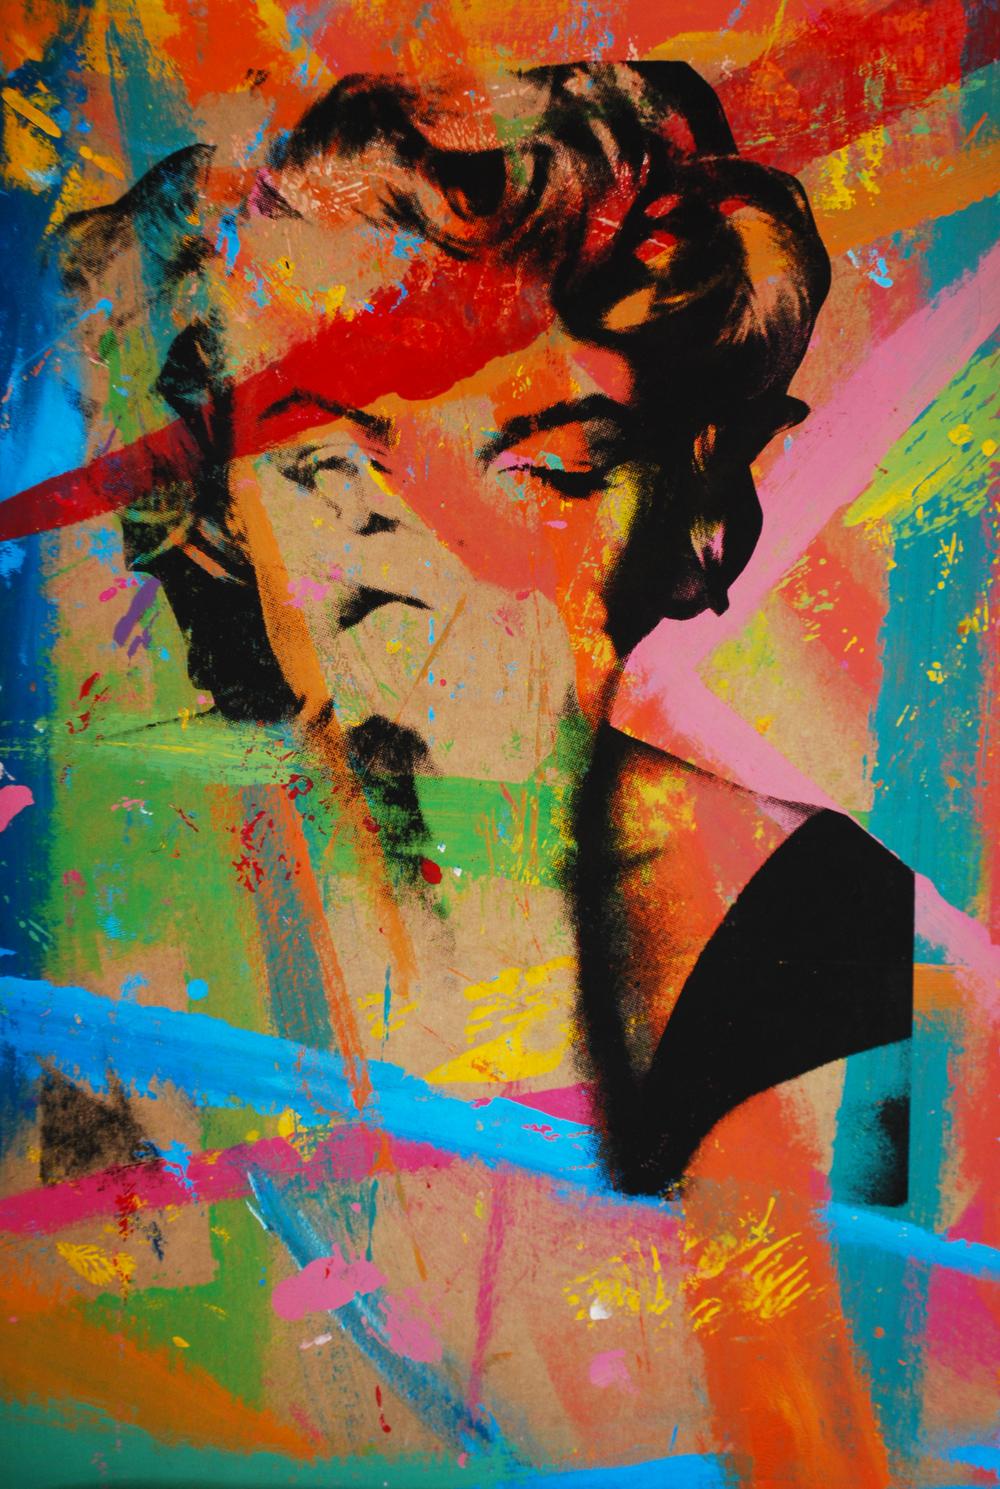 Marilyn 3. 20 x 13 in